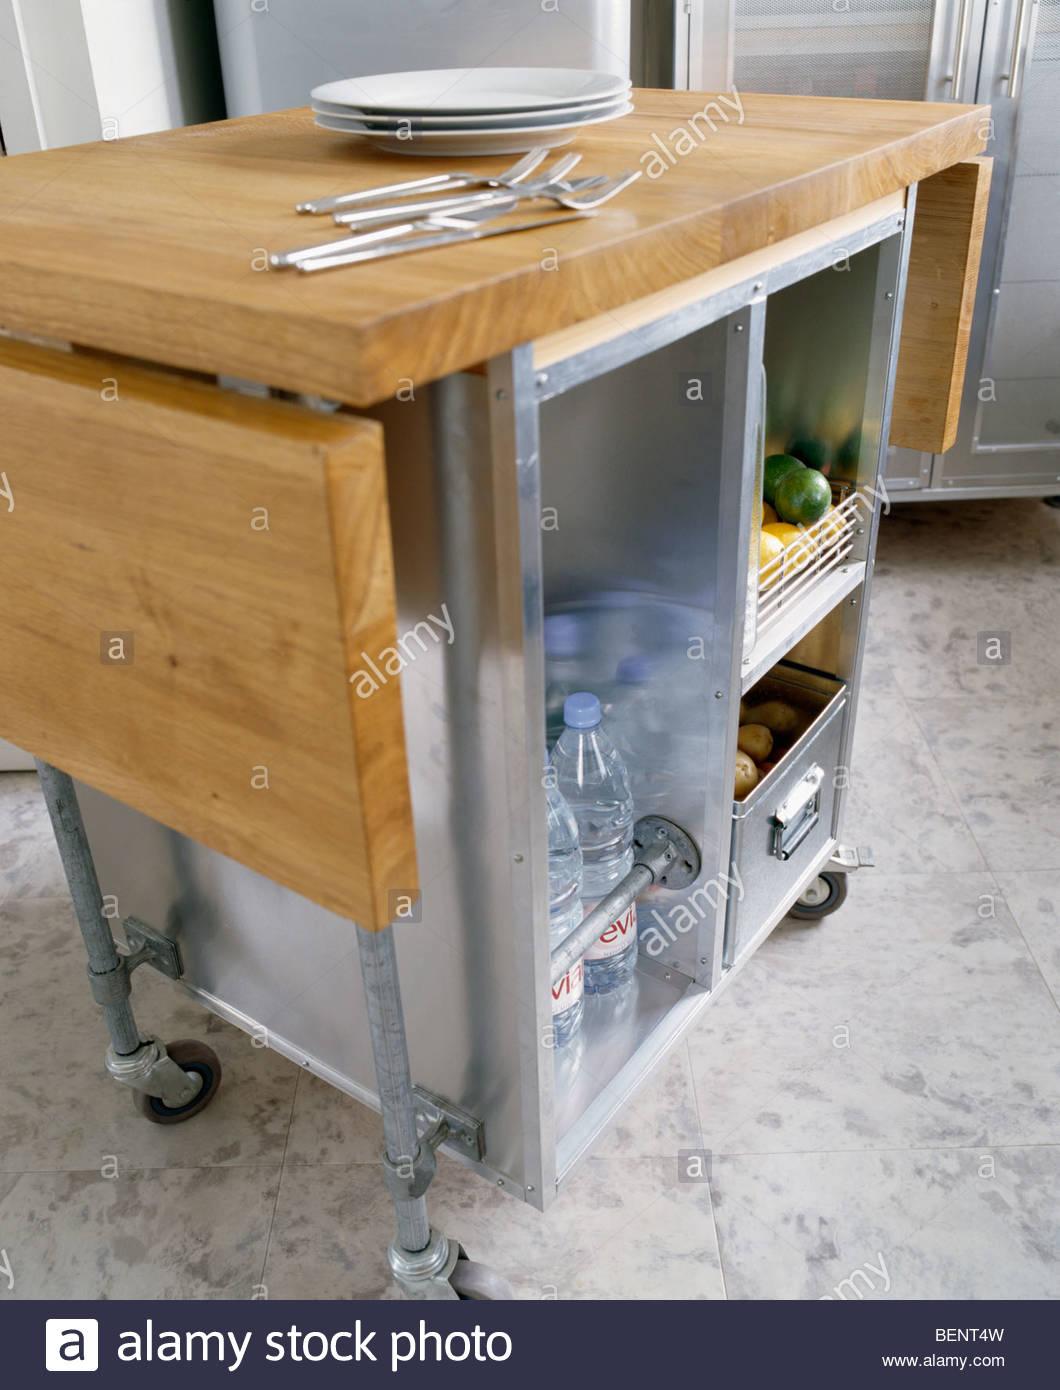 Full Size of Kücheninsel Bewegliche Kcheninsel Stockfotos Bilder Wohnzimmer Kücheninsel